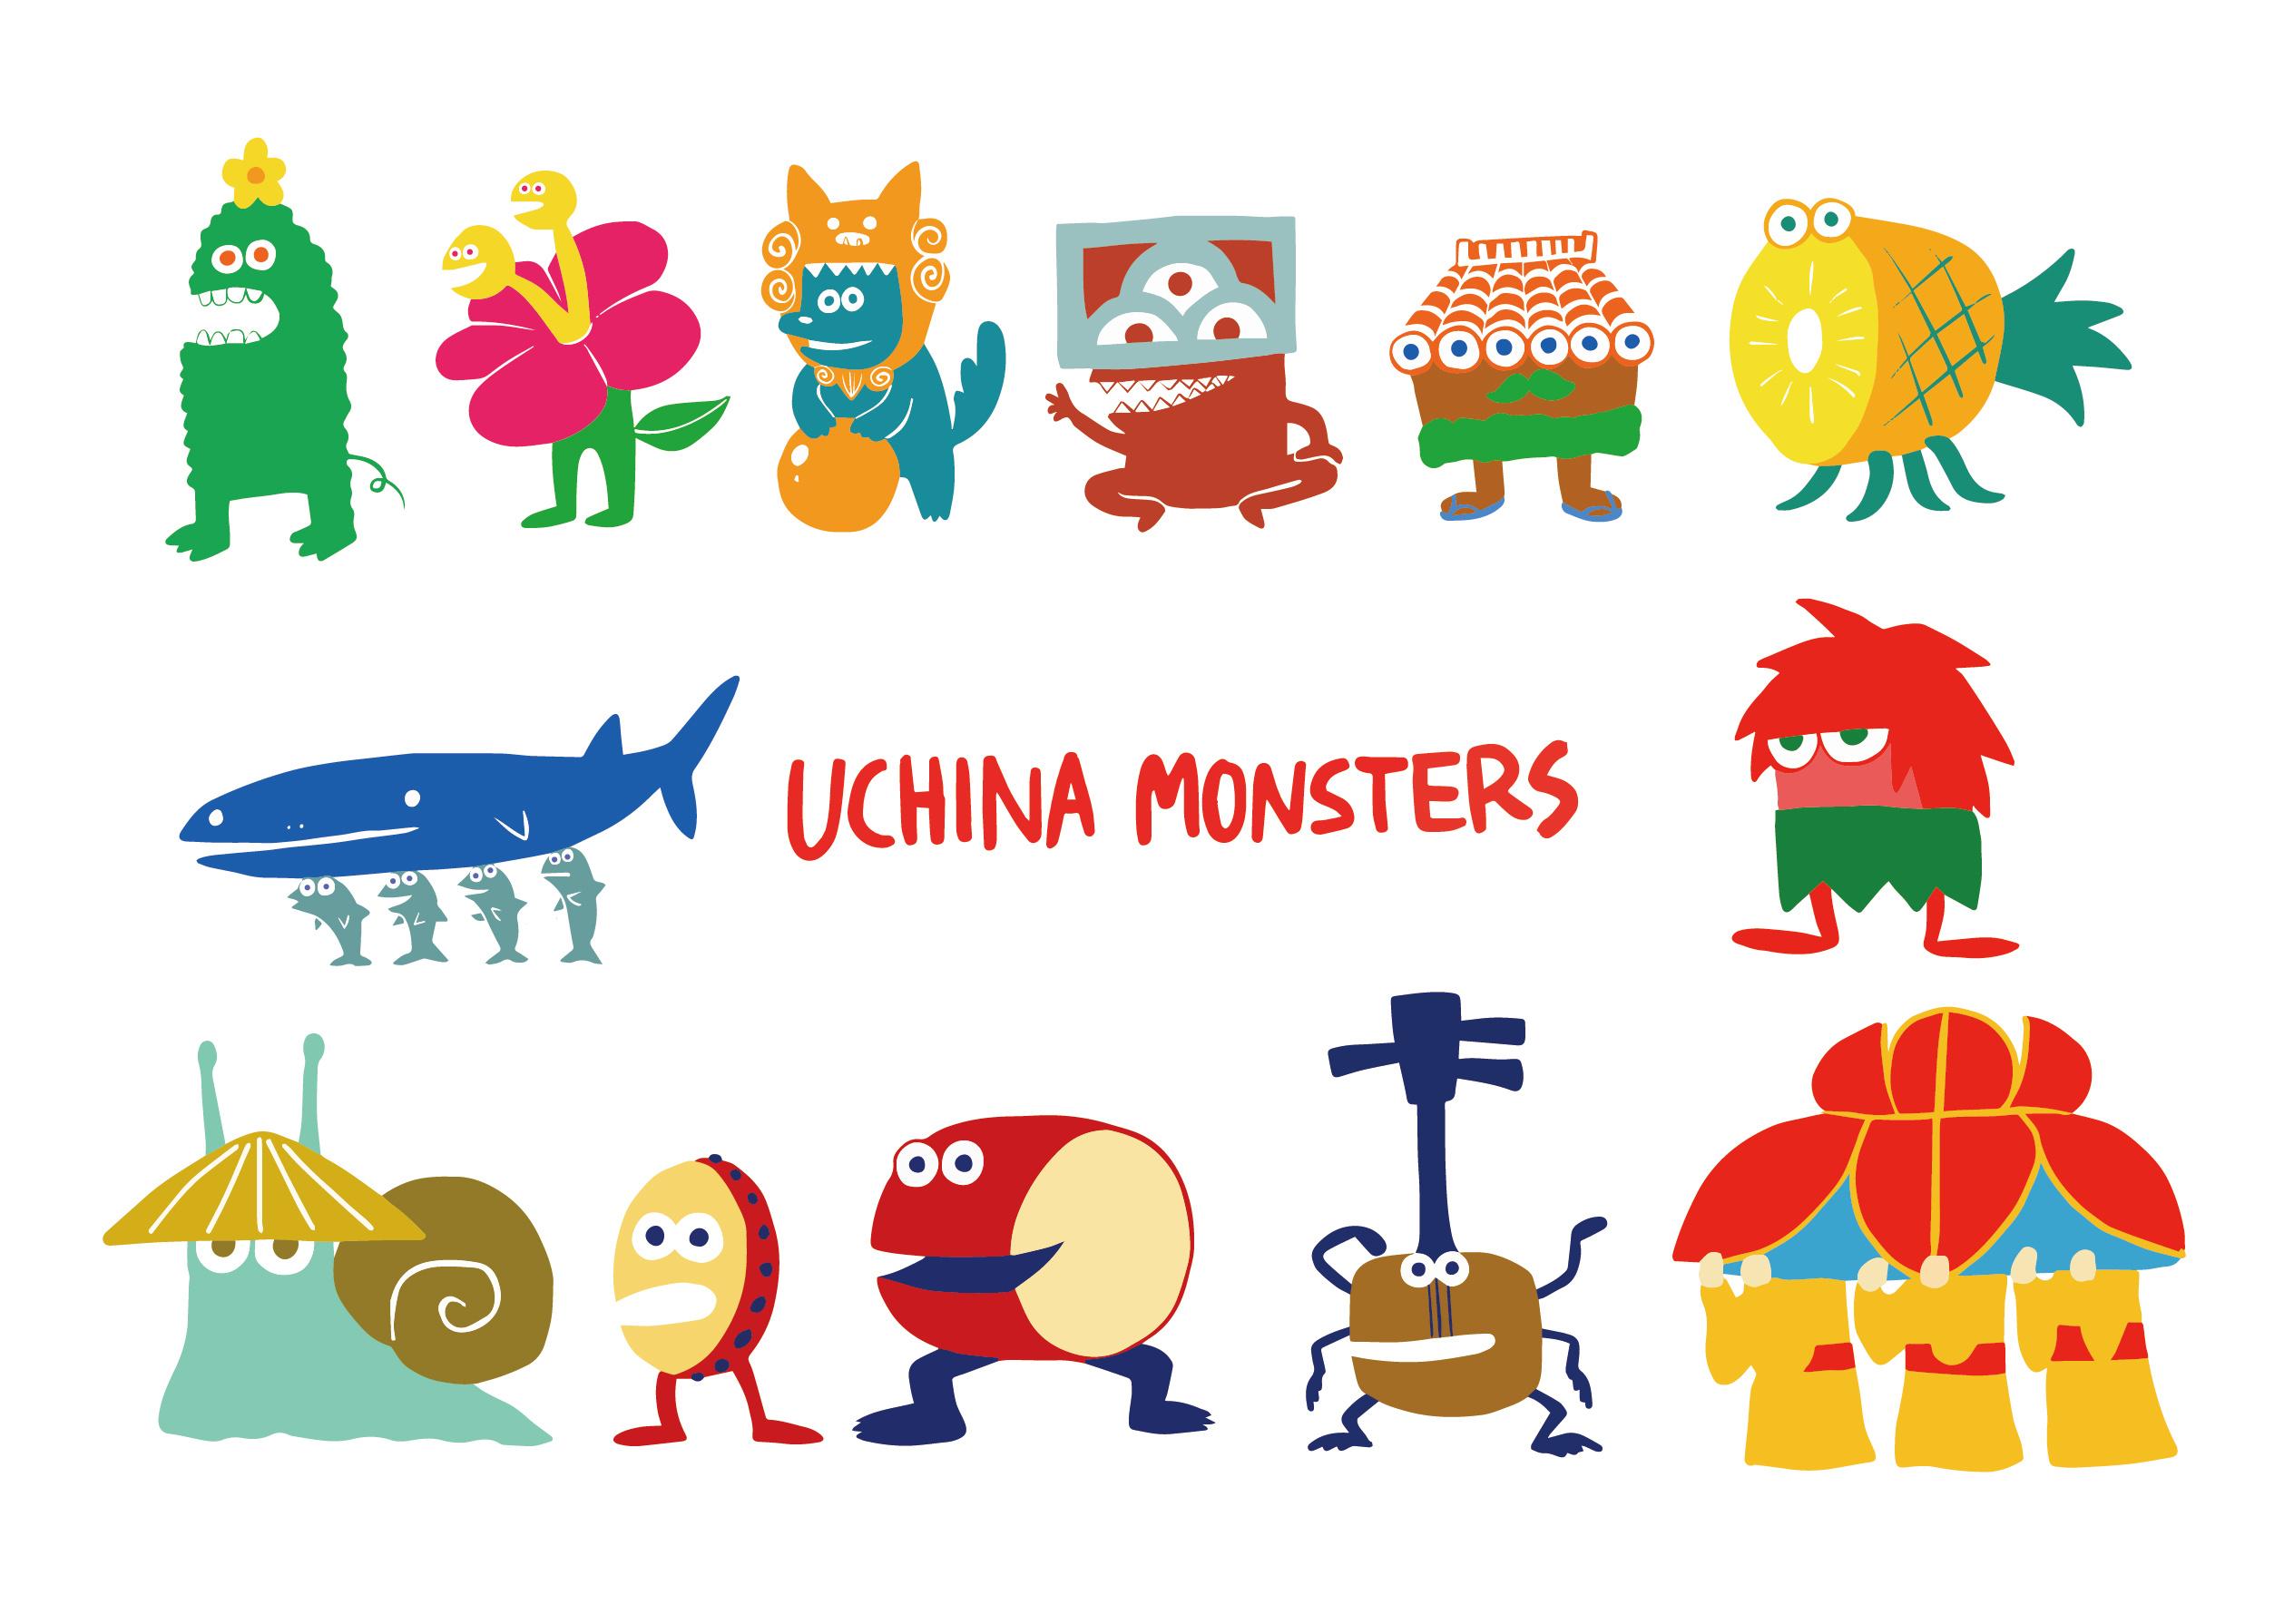 UCHINA MONSTERS